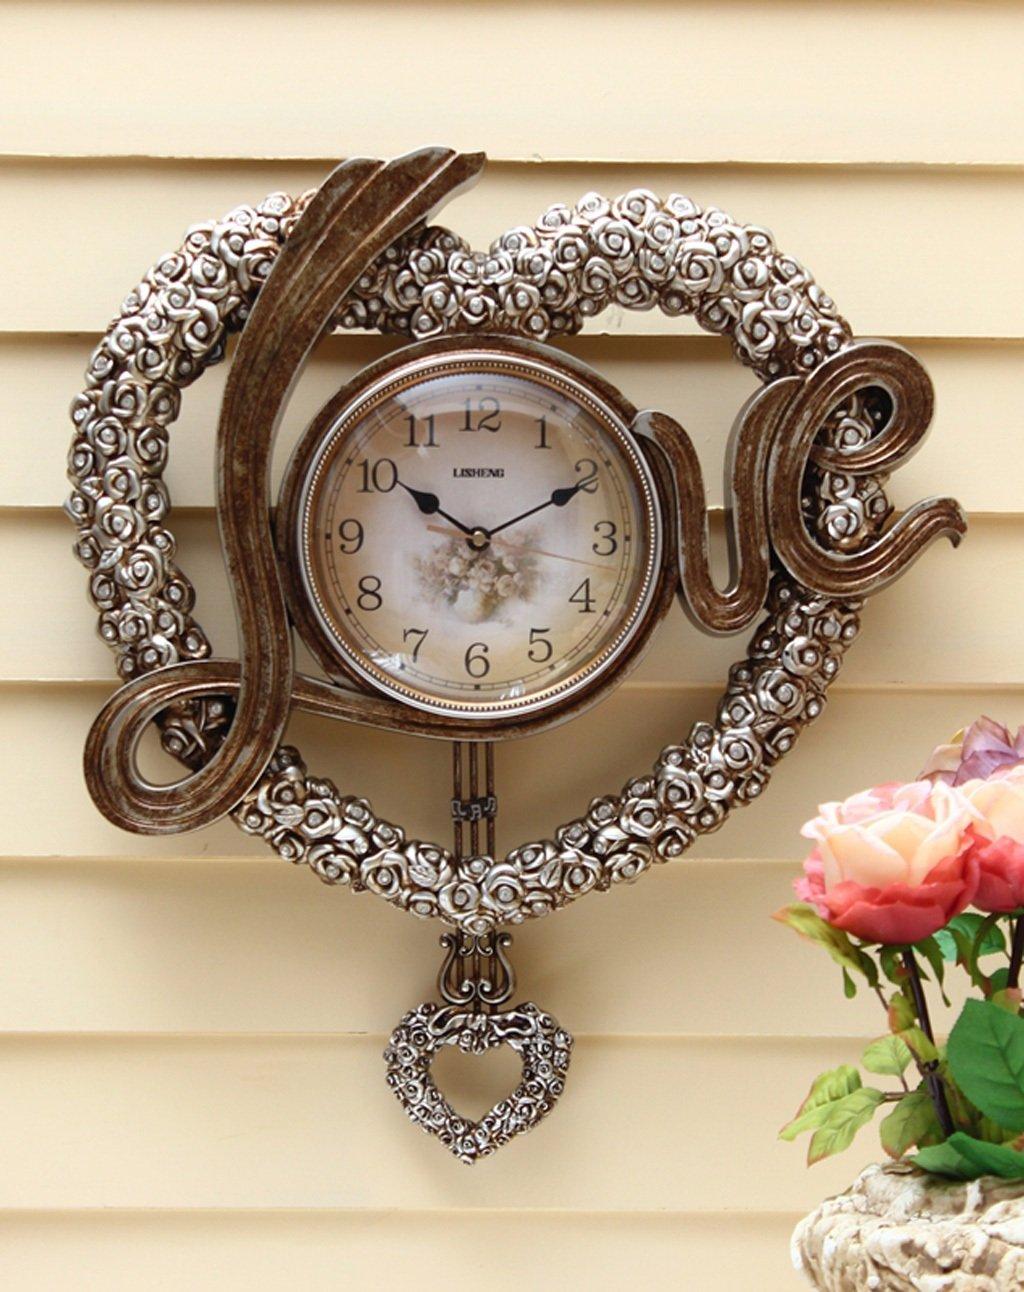 ZHENAI ハート型の壁掛け時計、ファッションリビングルームアート時計ウェディングハイエンドウォールクロックベル ( 色 : B , サイズ さいず : 12インチ ) B07BJY96Y2 12インチ|B B 12インチ